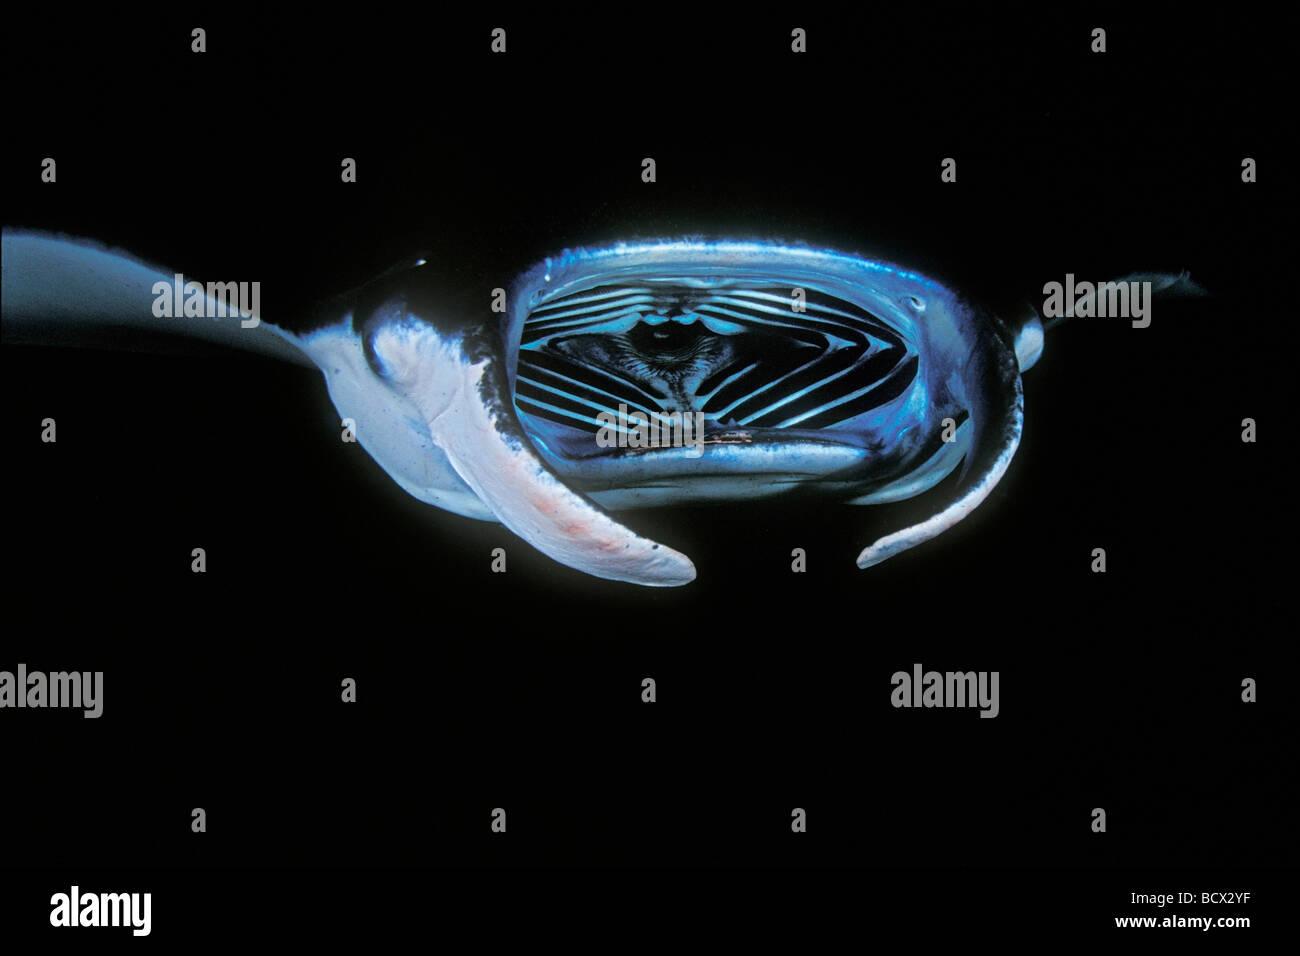 Les raies se nourrissant de plancton la nuit, Manta birostris, Hawaii, USA, Kona, Big Island, l'Océan Pacifique Photo Stock